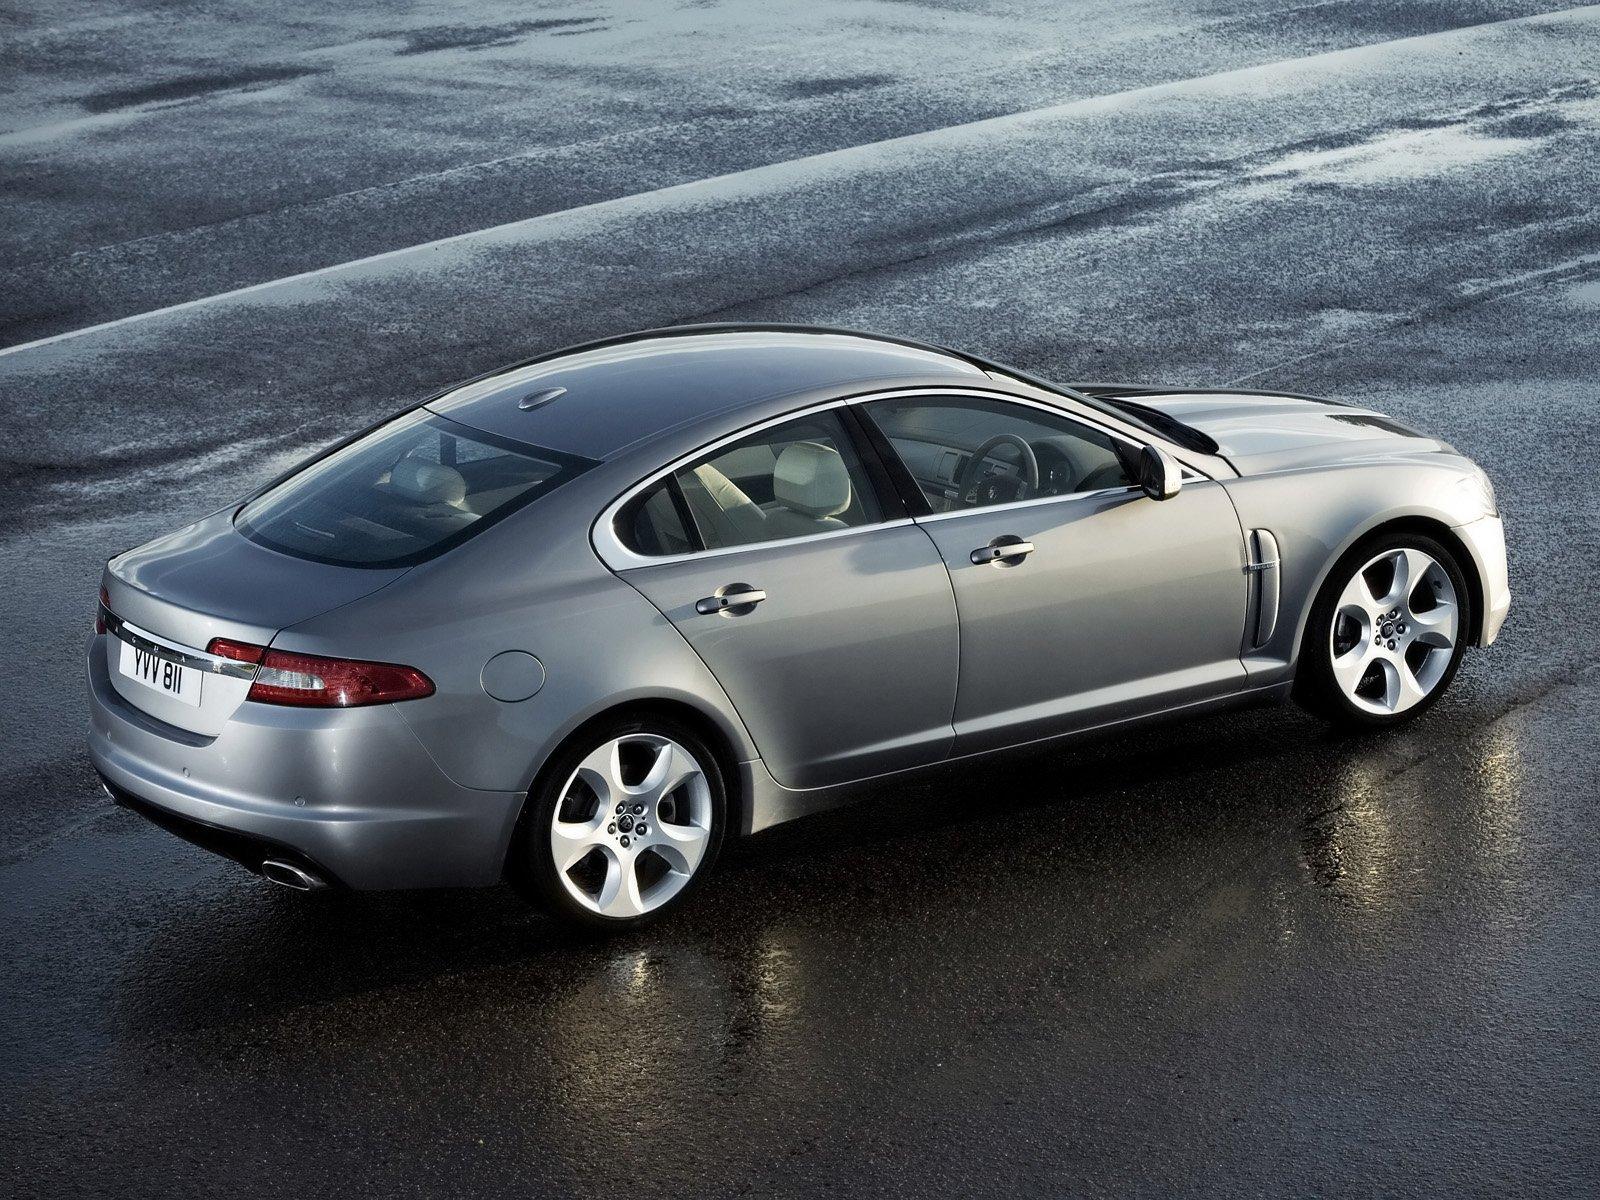 Компания Jaguar планирует каждый год радовать своих поклонников новым автомобилем